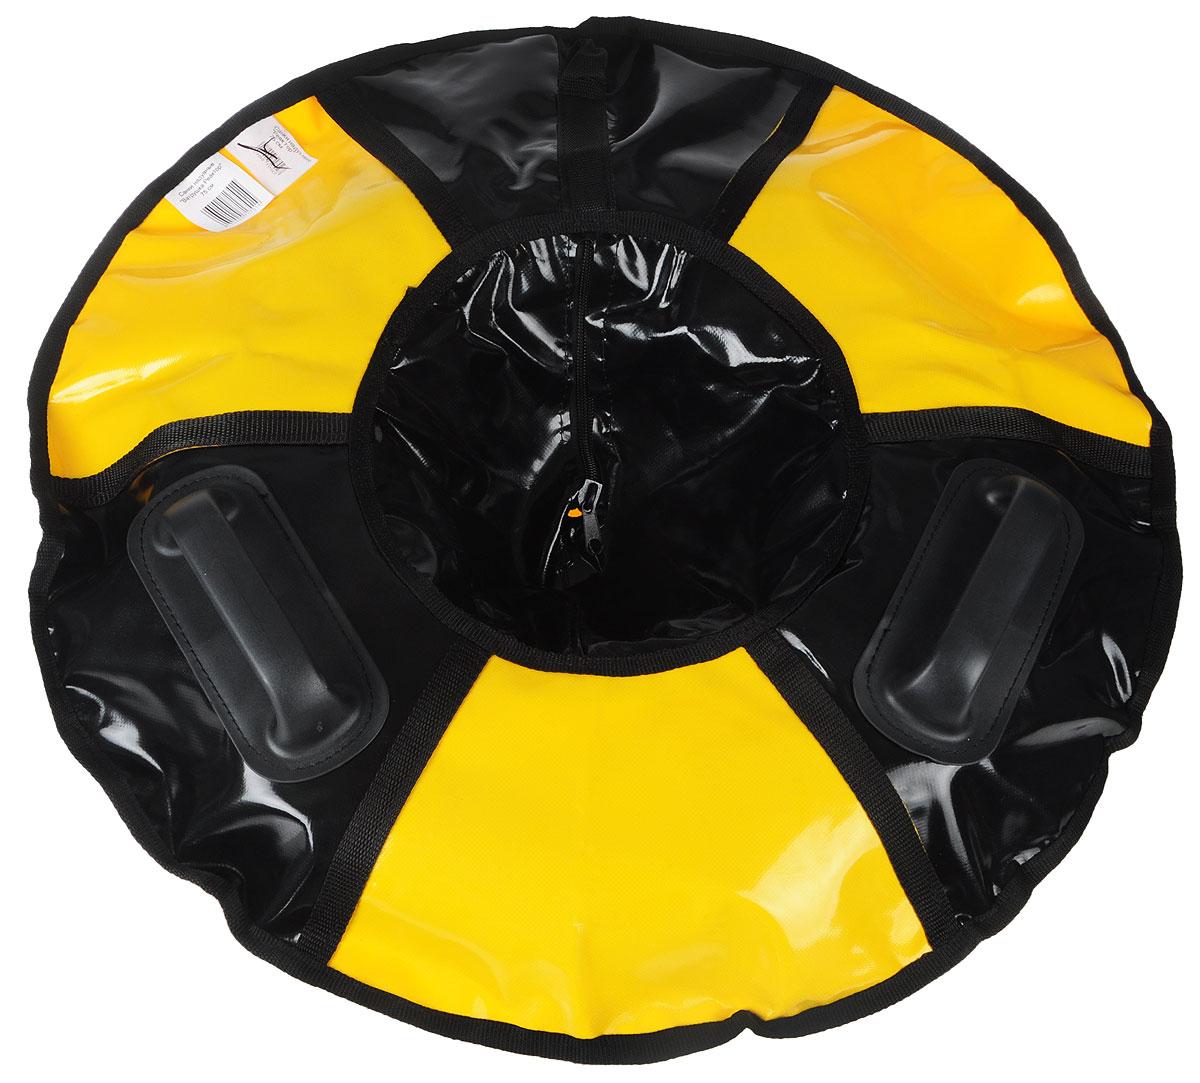 Санки надувные Мегабайк Реактор, цвет: черный, желтый, диаметр 95 смSJT-105TTЛюбимая детская зимняя забава - это кататься с горки. Надувные санки Реактор - это отличный вариант для тех, кто любит весело проводить время на свежем воздухе.Надувные санки Реактор - это оригинальные круглые санки с простым дизайном, использованием износостойких материалов и комплектацией, достаточной для регулярного катания.Санки оборудованы плотной лентой для удобной буксировки. Две литые ручки приклеенные к чехлу санок особым клеем, который используется при производстве надувных лодок.Диаметр в накаченном состоянии: 95 см.Длина буксировочного троса: 1,2 м.Используемые камеры: R-16.Рекомендованное давление 0.08 Атм.УВАЖАЕМЫЕ КЛИЕНТЫ!Просим обратить ваше внимание на тот факт, что санки поставляются в сдутом виде и надуваются при помощи насоса (насос не входит в комплект).